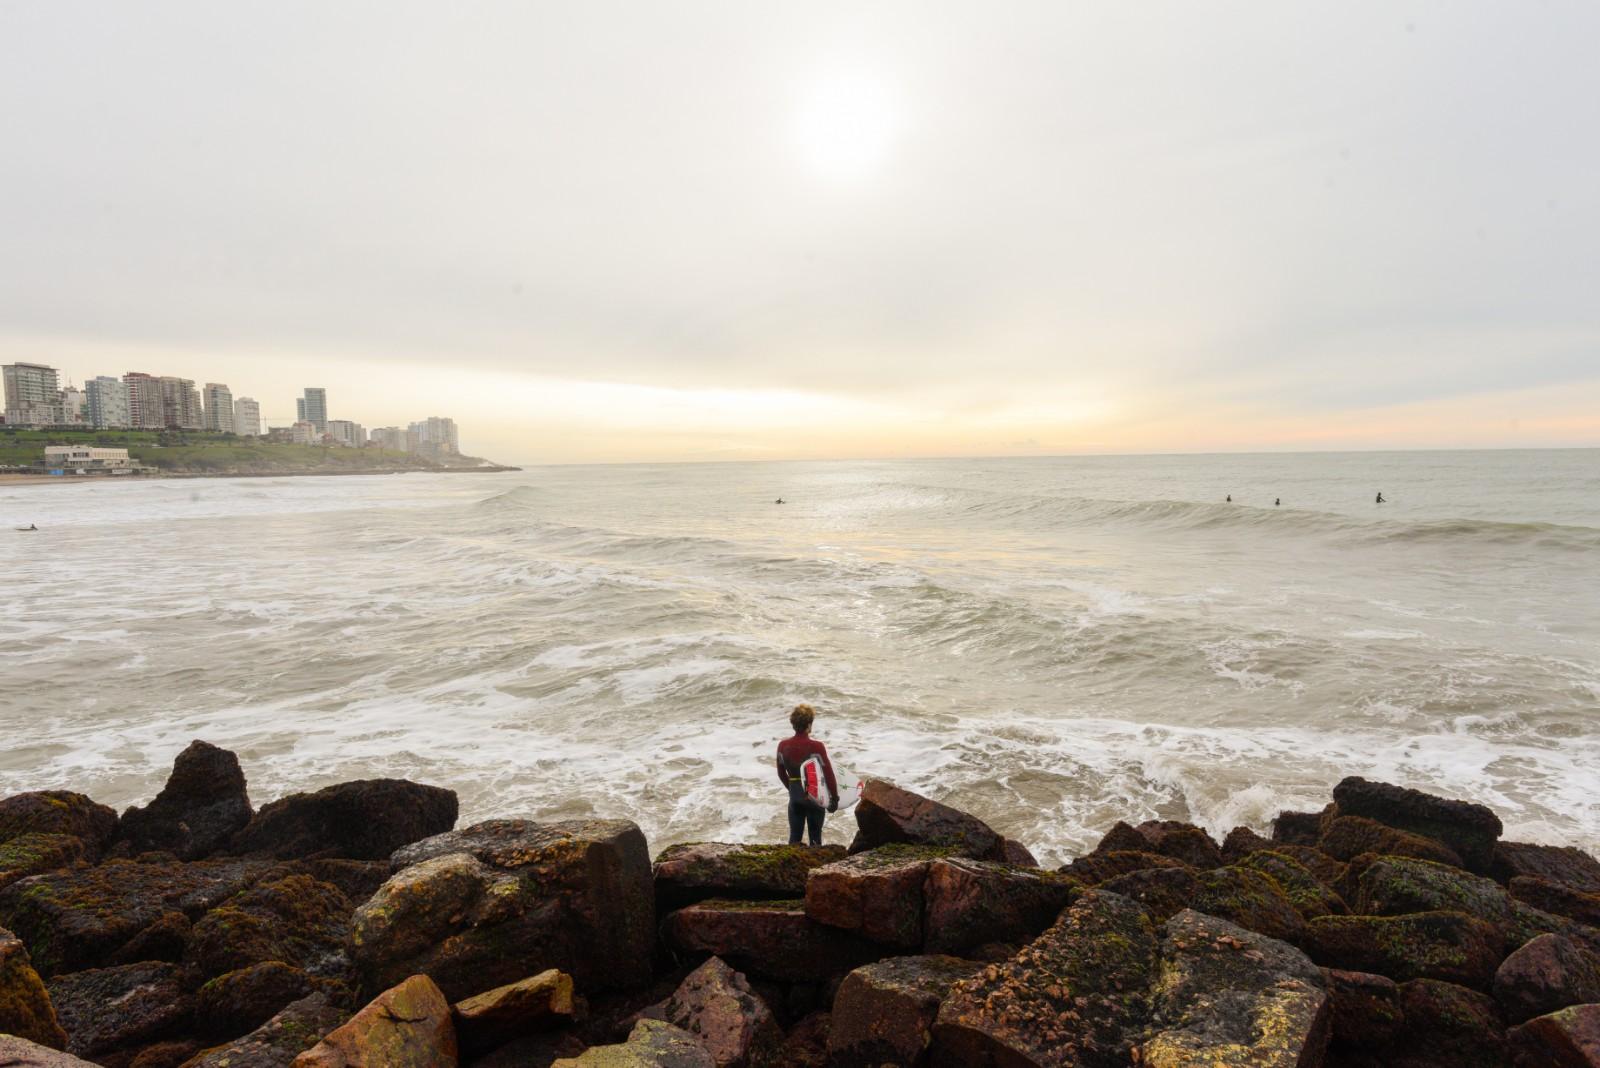 Allá en el mar, un grupo de surfers disfruta de su pasión. Otro mira el amanecer desde las rocas. Mar del Plata espera que lleguen 21 días sin contagios para entrar en Fase 5.